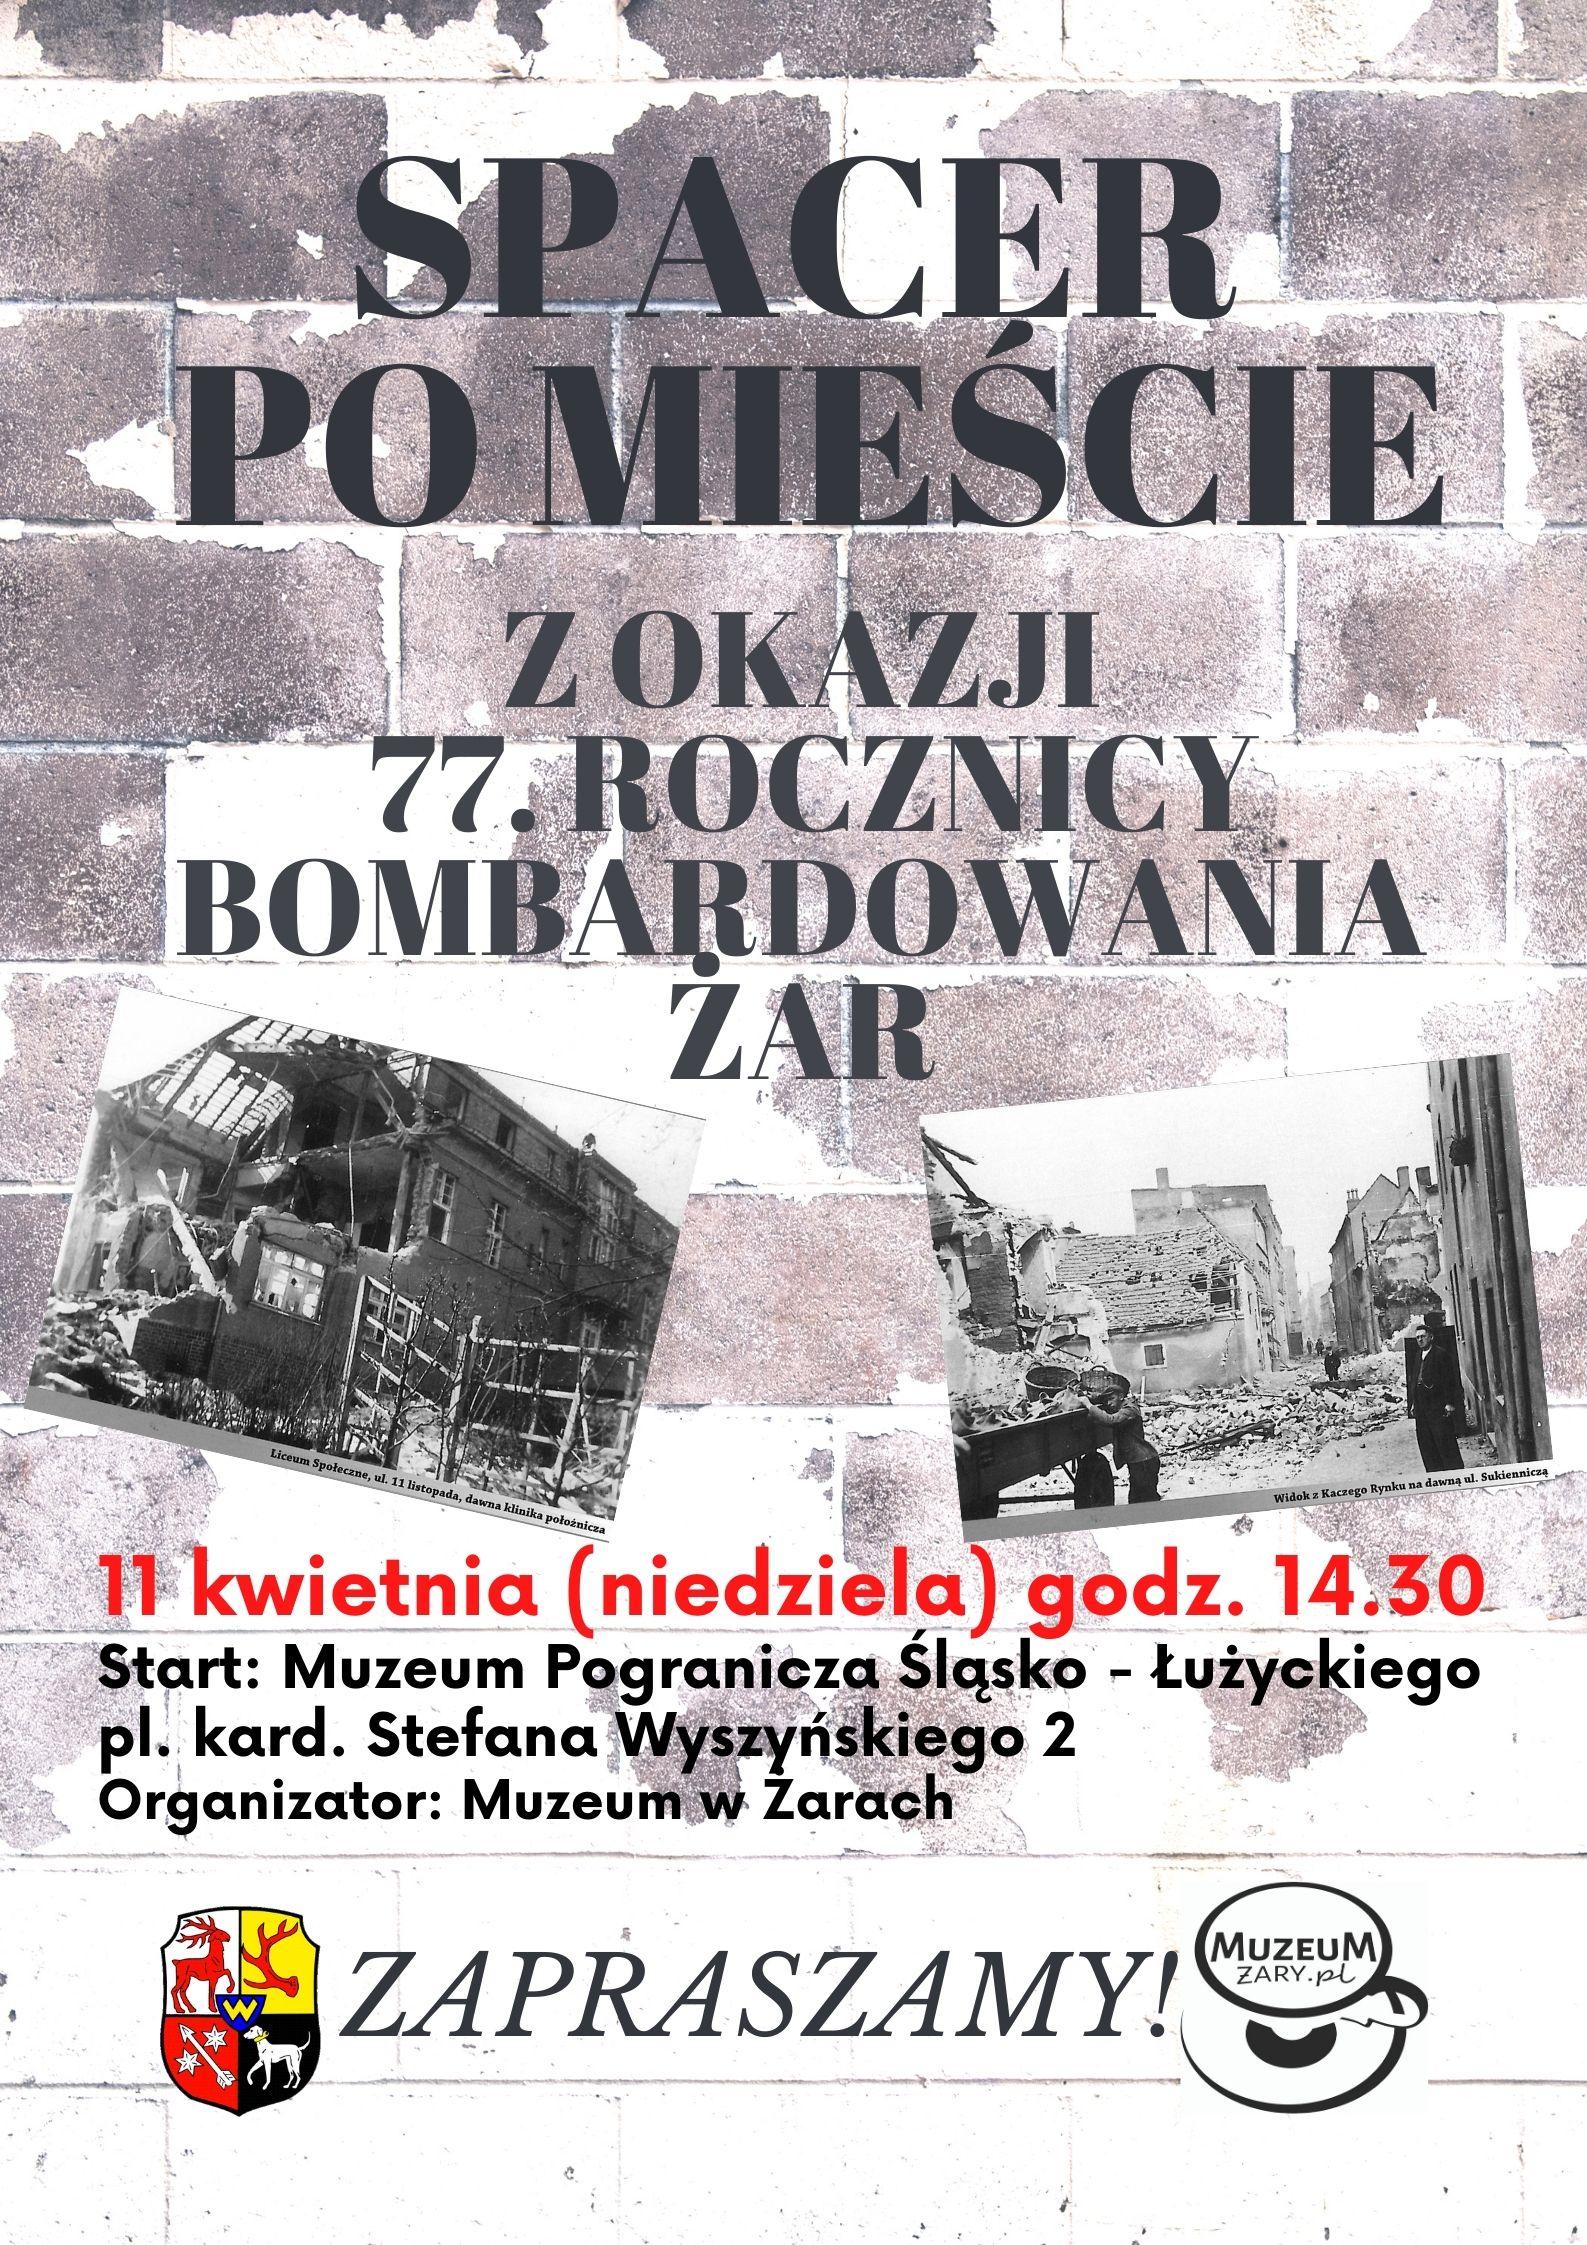 Ilustracja do informacji: Spacer po mieście 11.04.2021 godz. 14.00 start Muzeum - 77. rocznica bombardowania Żar